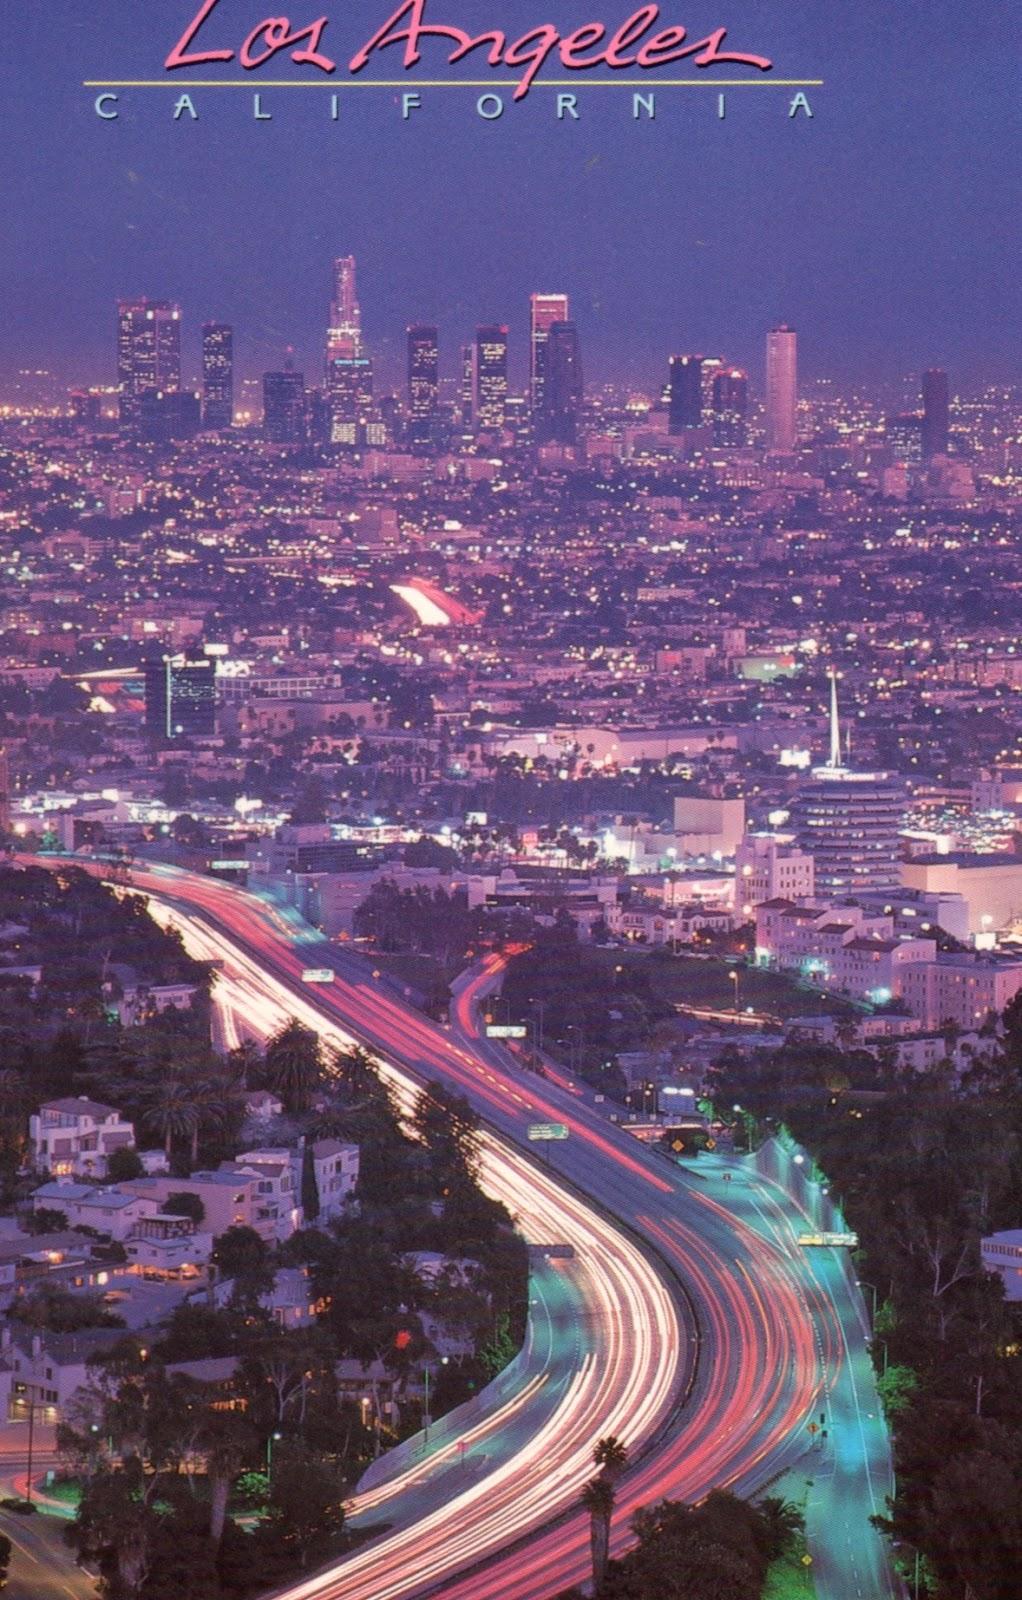 Vista noturna de Los Angeles